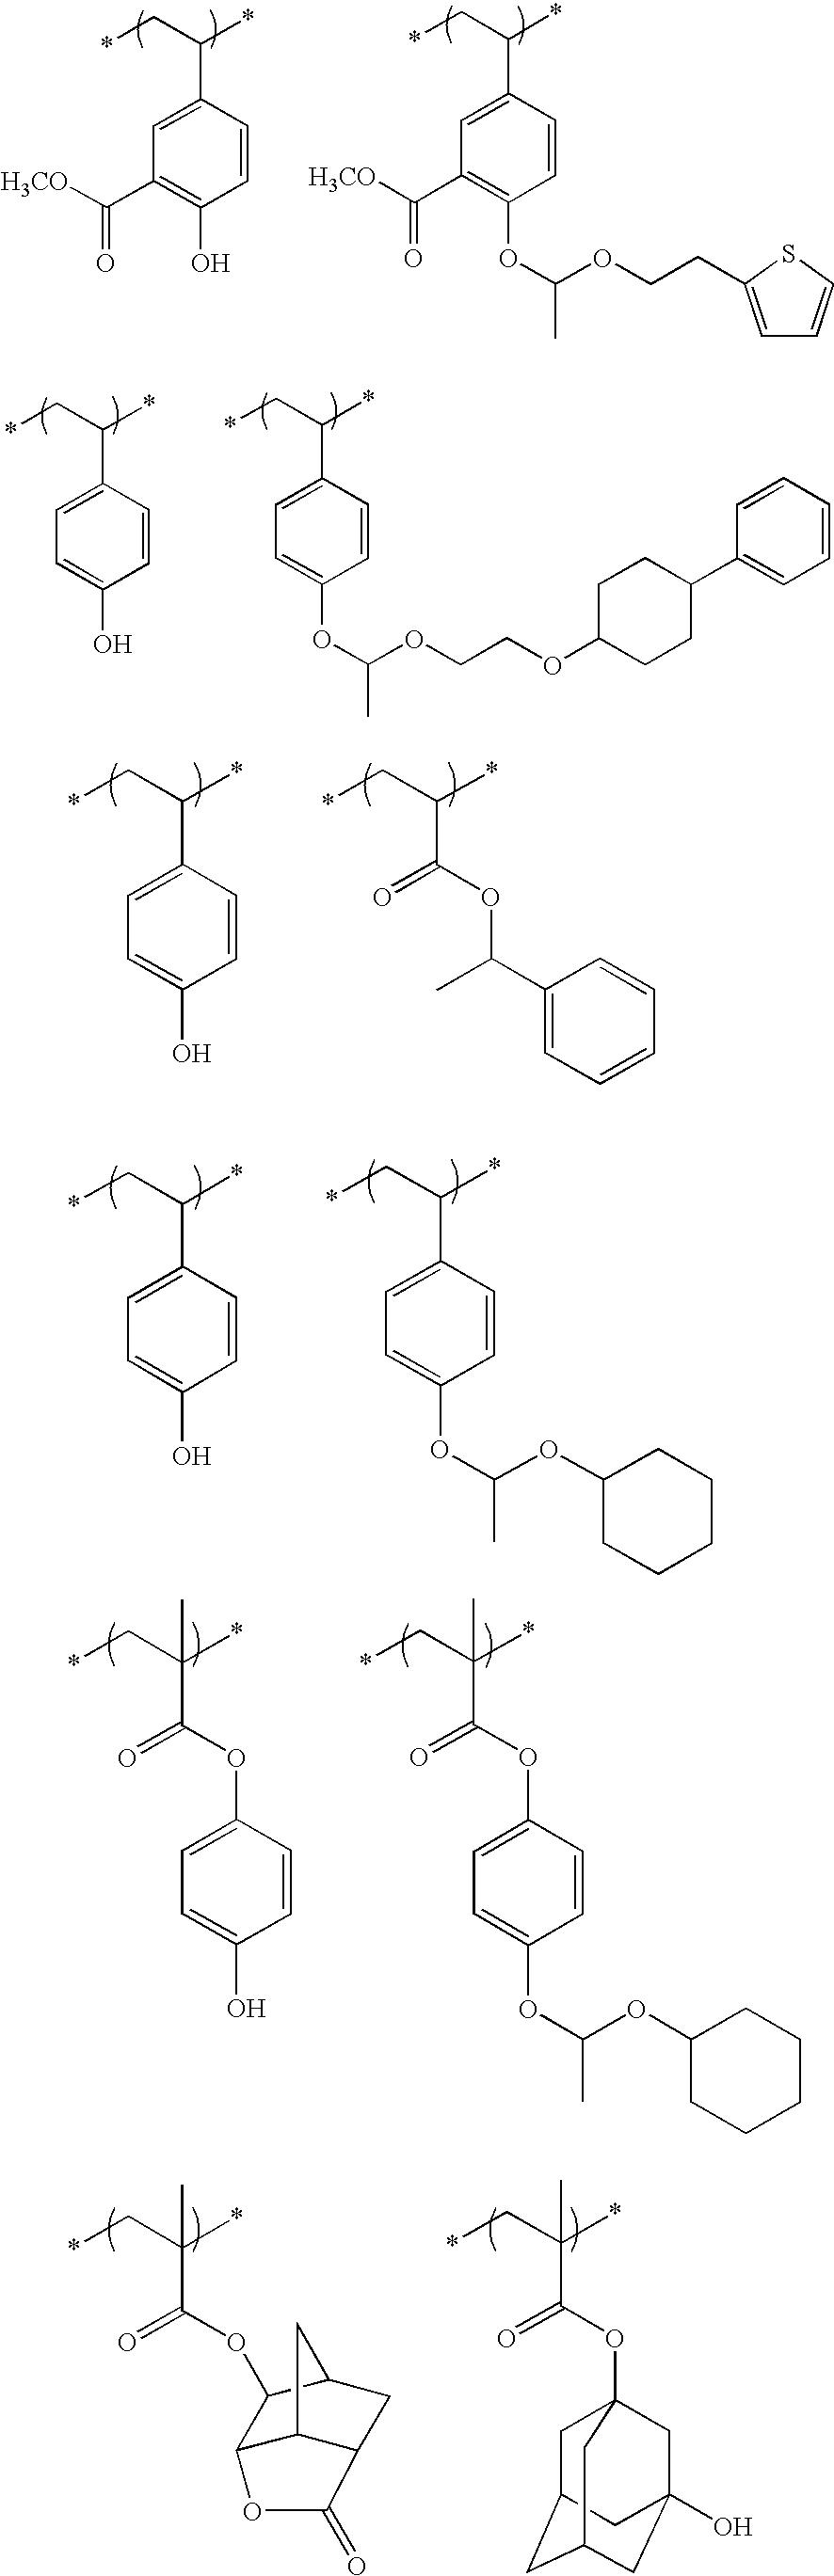 Figure US20100183975A1-20100722-C00216